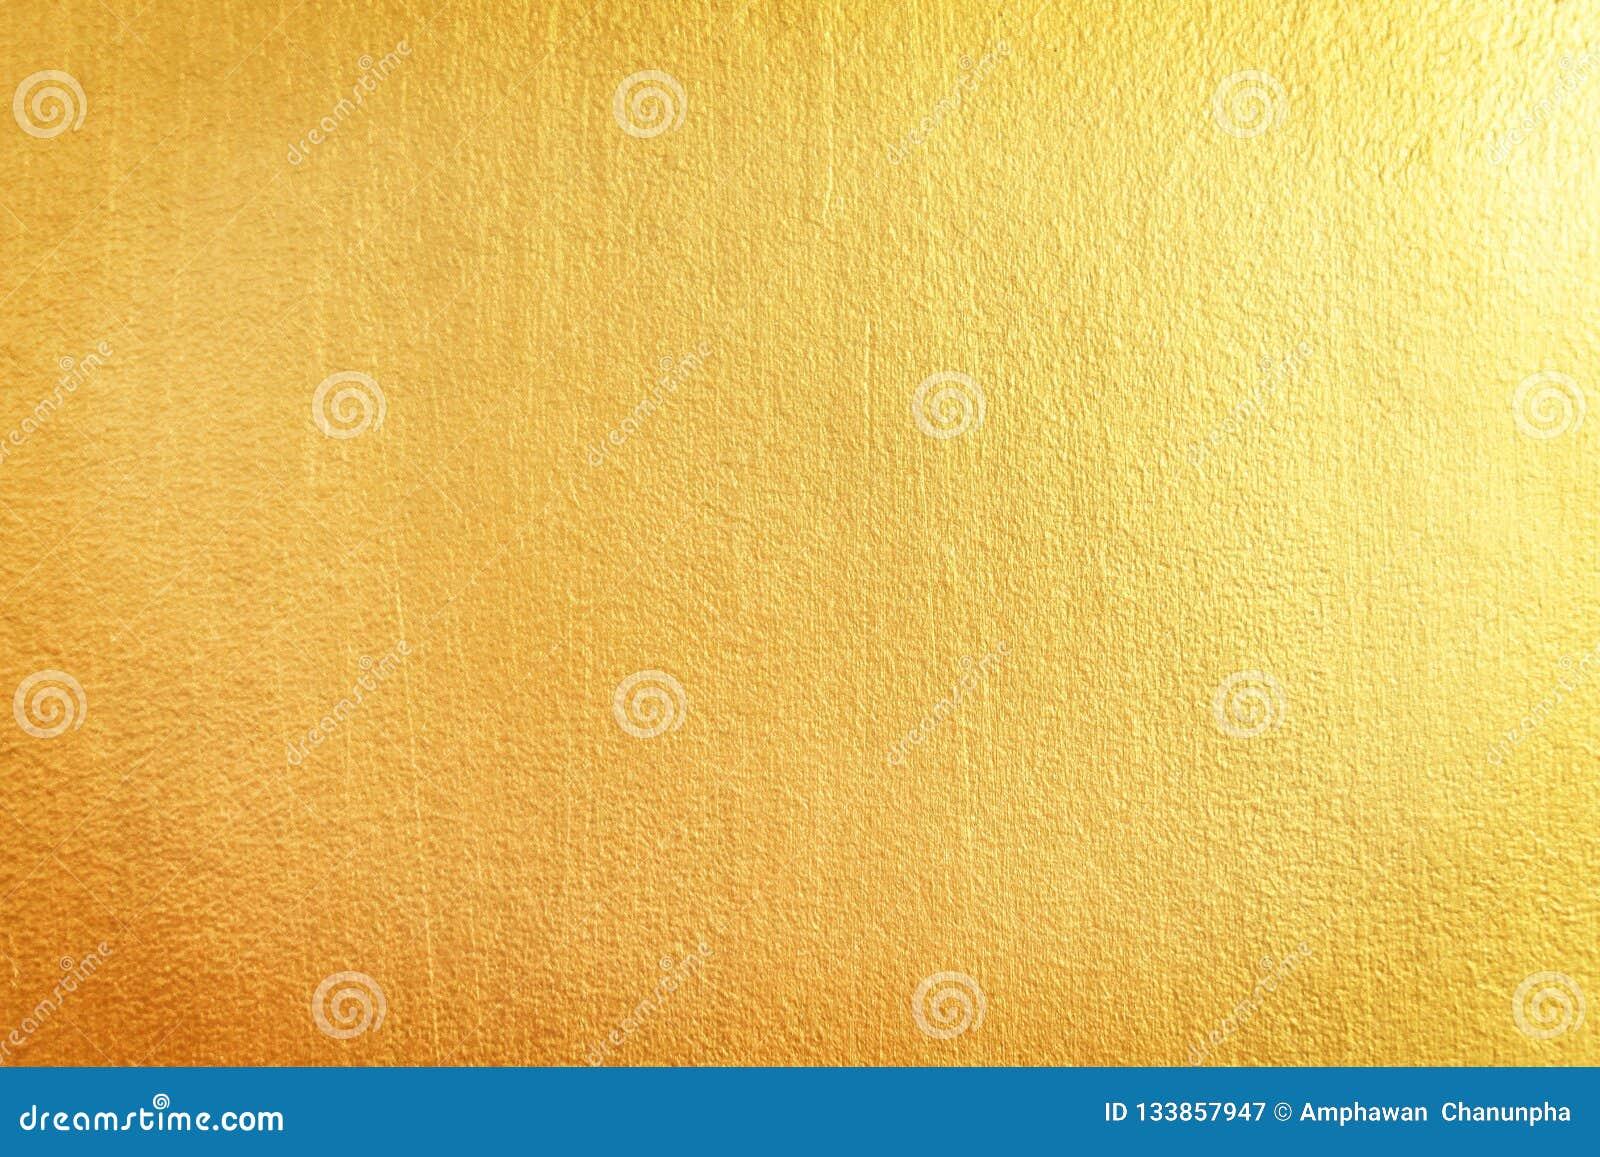 Goldbetonmauermuster masern abstrakten Hintergrund